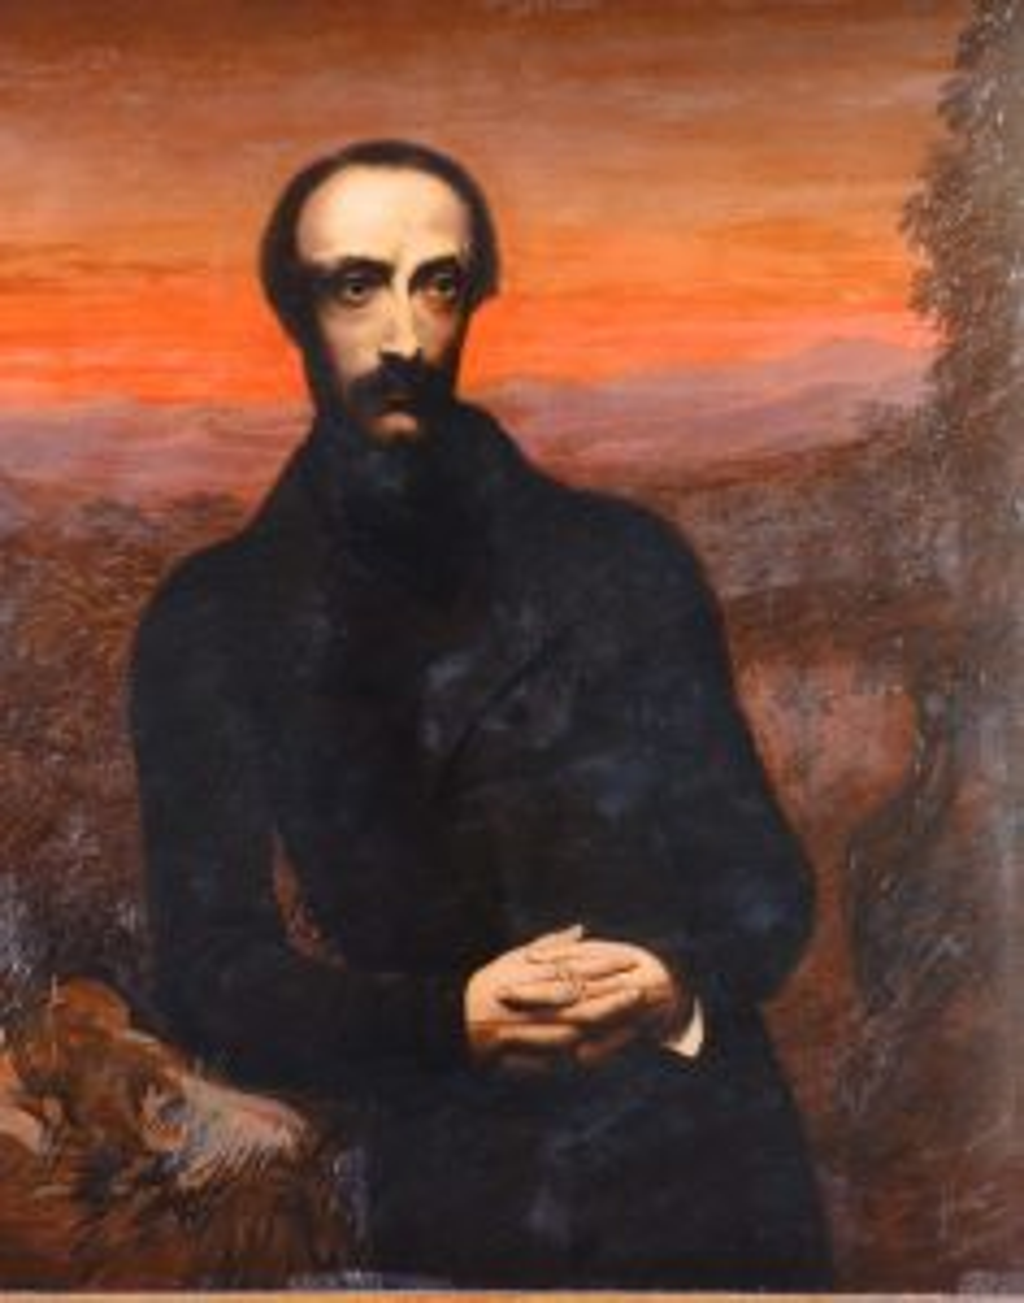 Emilie Ashurst Venturi, Giuseppe Mazzini, situato nell'appartamento di Mazzini, Museo del Risorgimento, Genova.